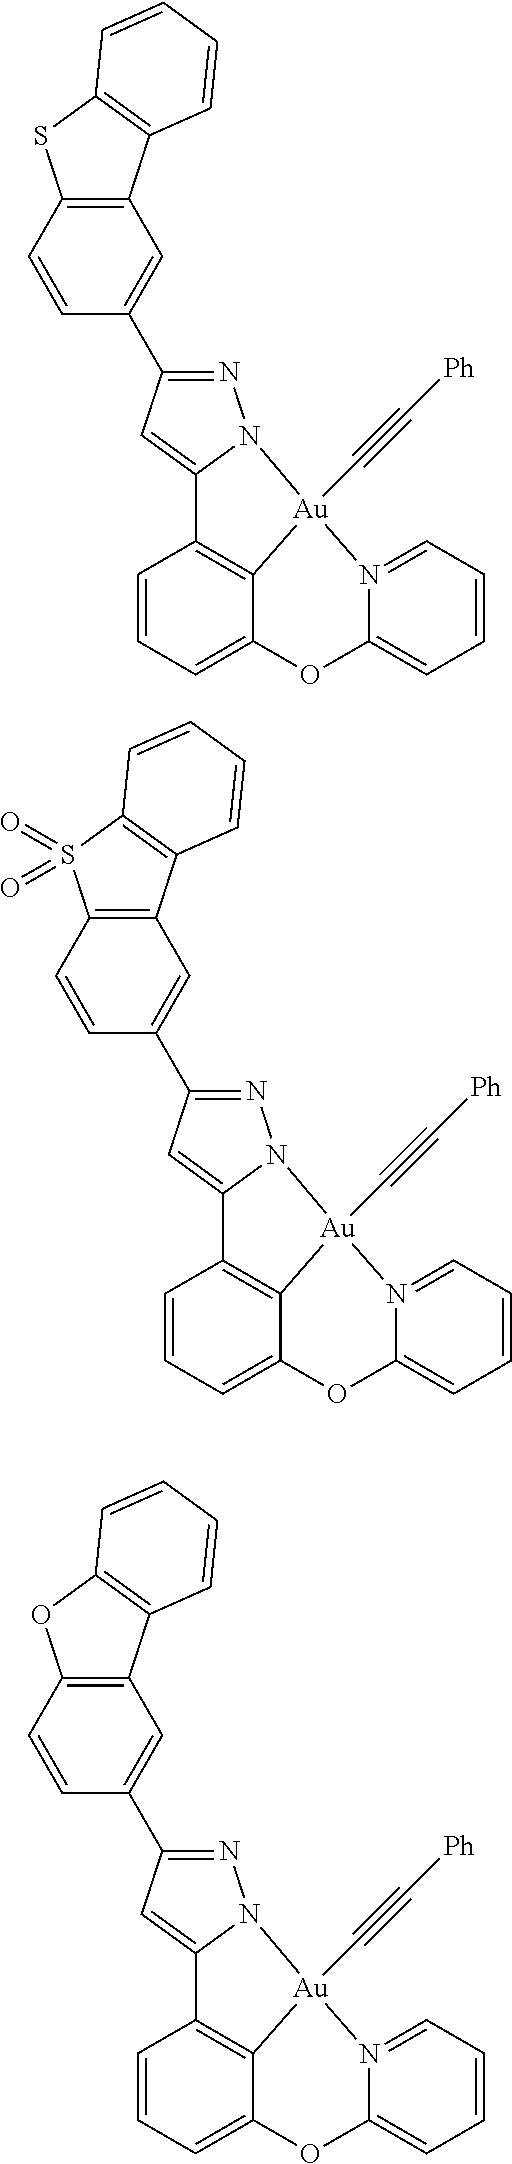 Figure US09818959-20171114-C00555